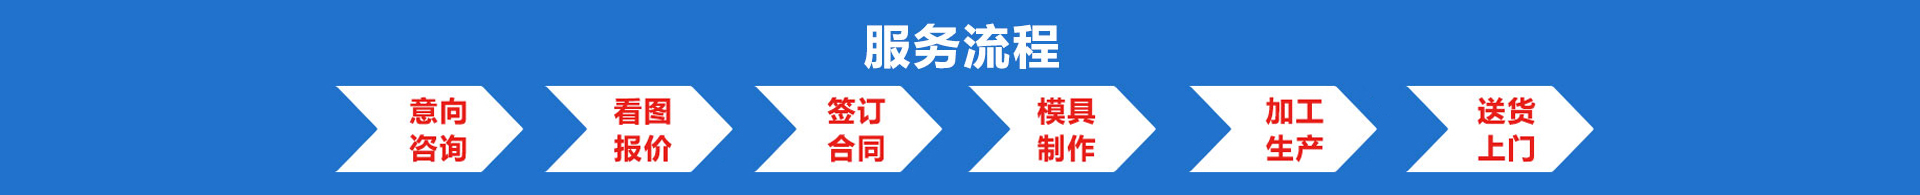 桥梁充气空心板芯模厂家服务流程